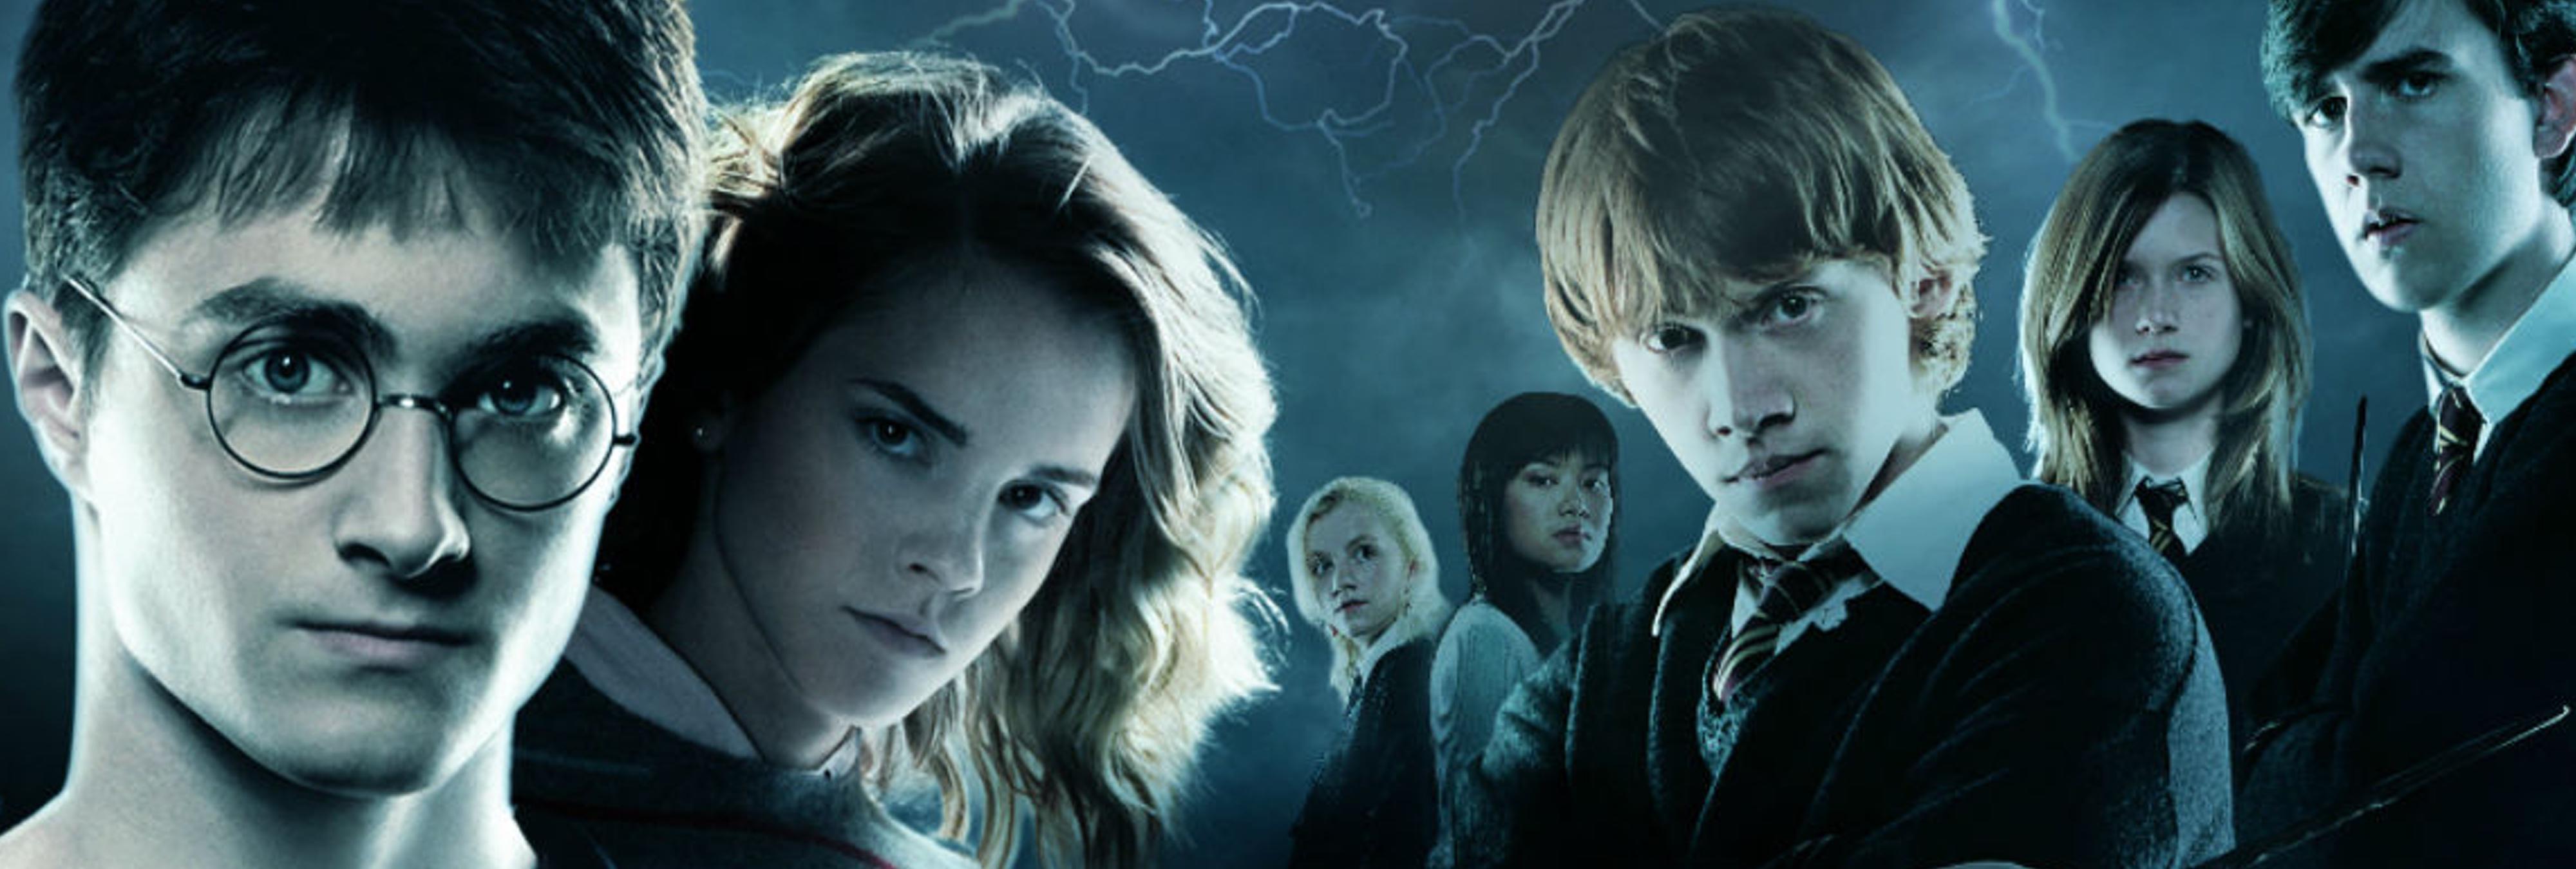 Según el libro 'Harry Potter y la filosofía', la saga es feminista